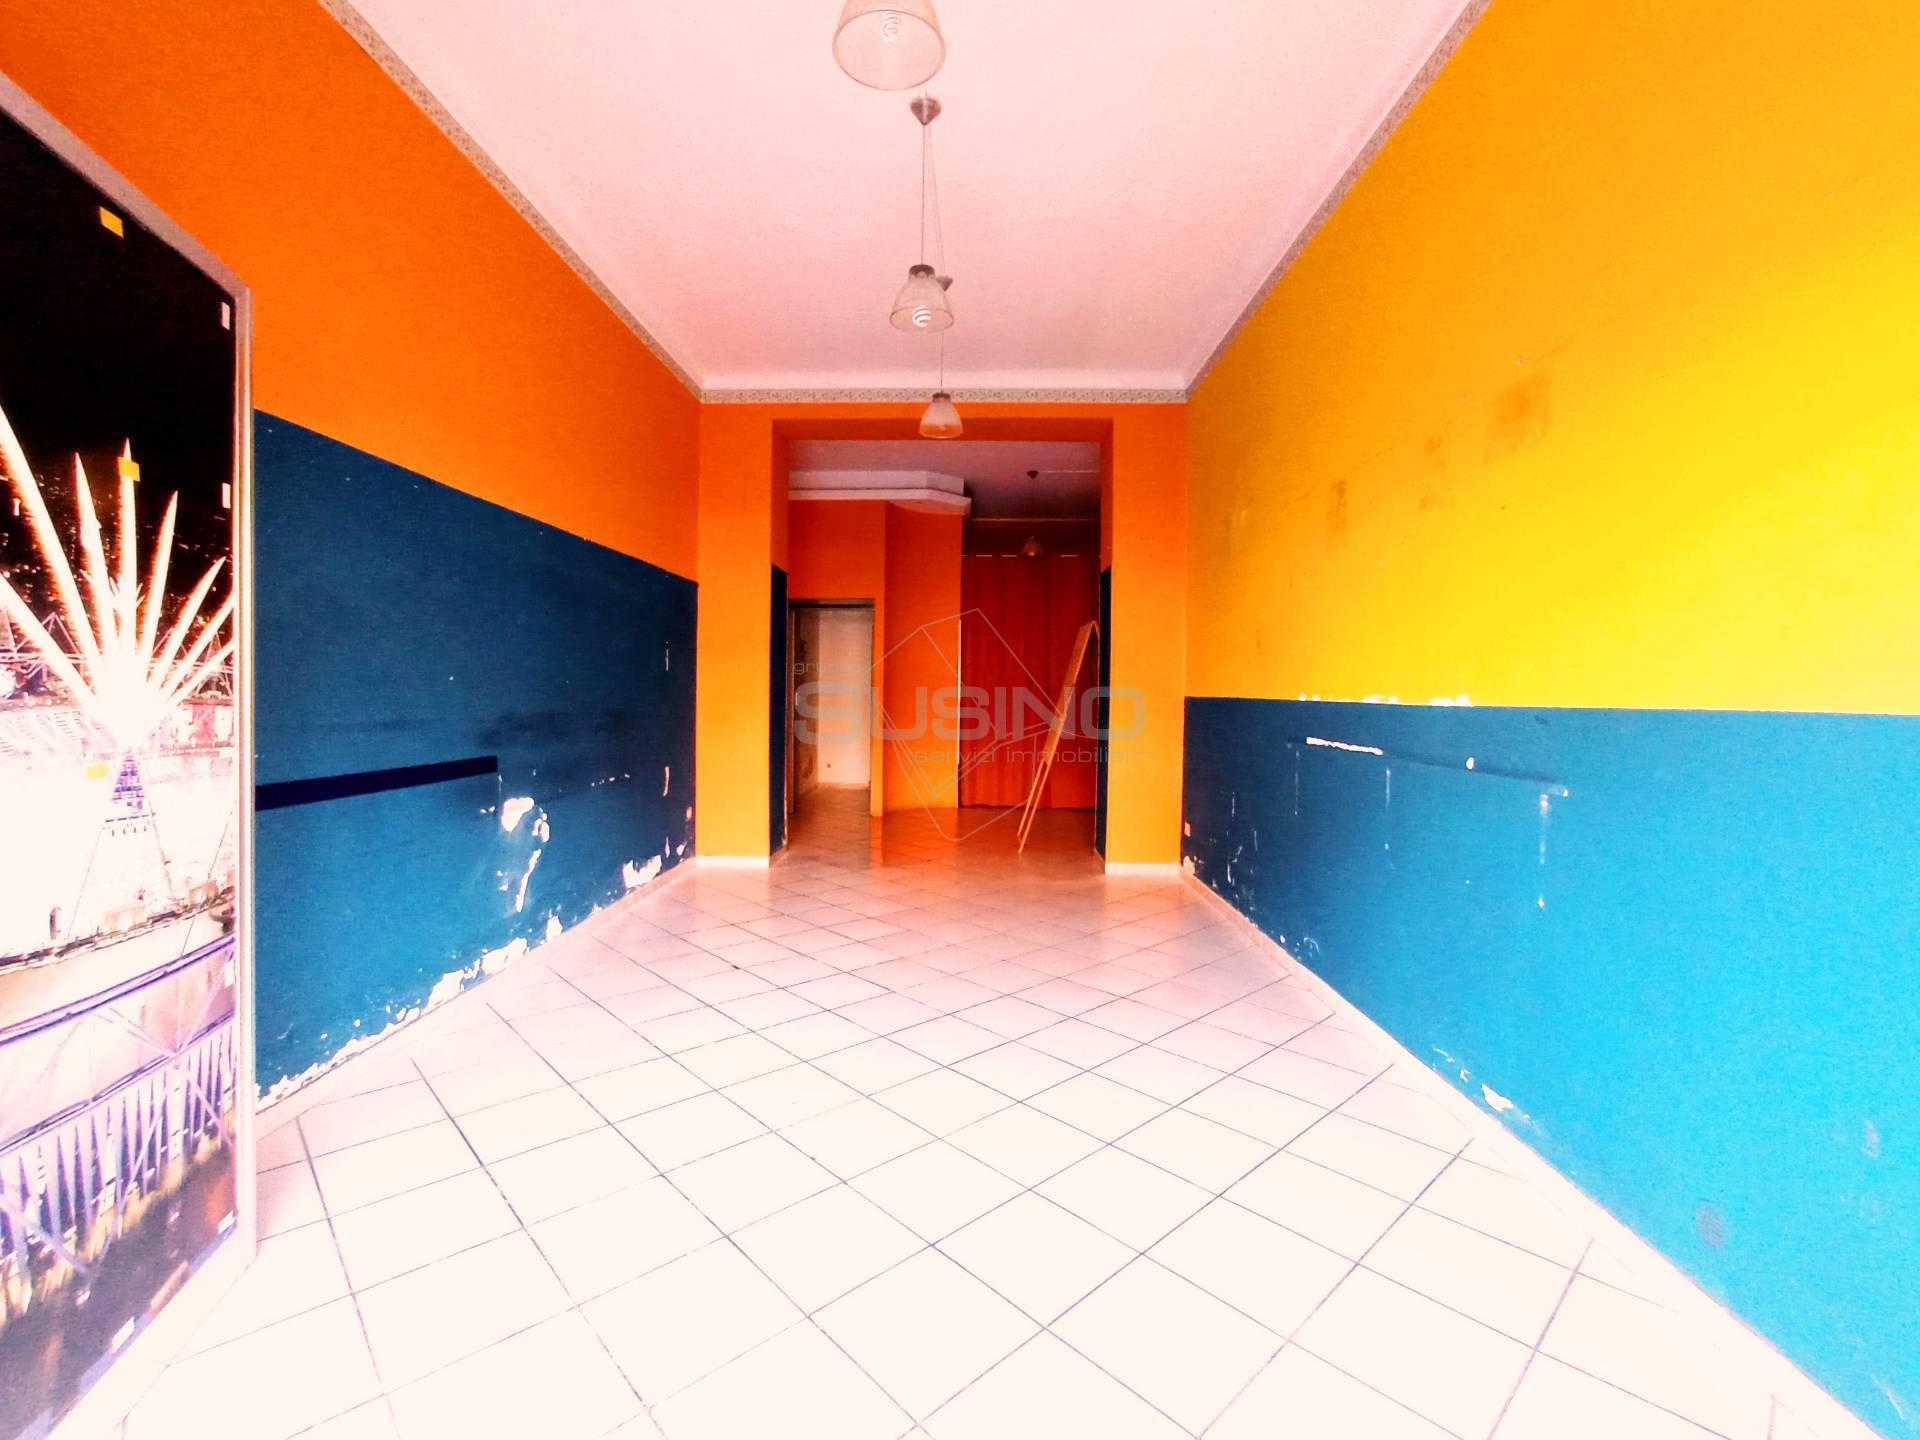 Negozio / Locale in affitto a Floridia, 9999 locali, prezzo € 380 | CambioCasa.it